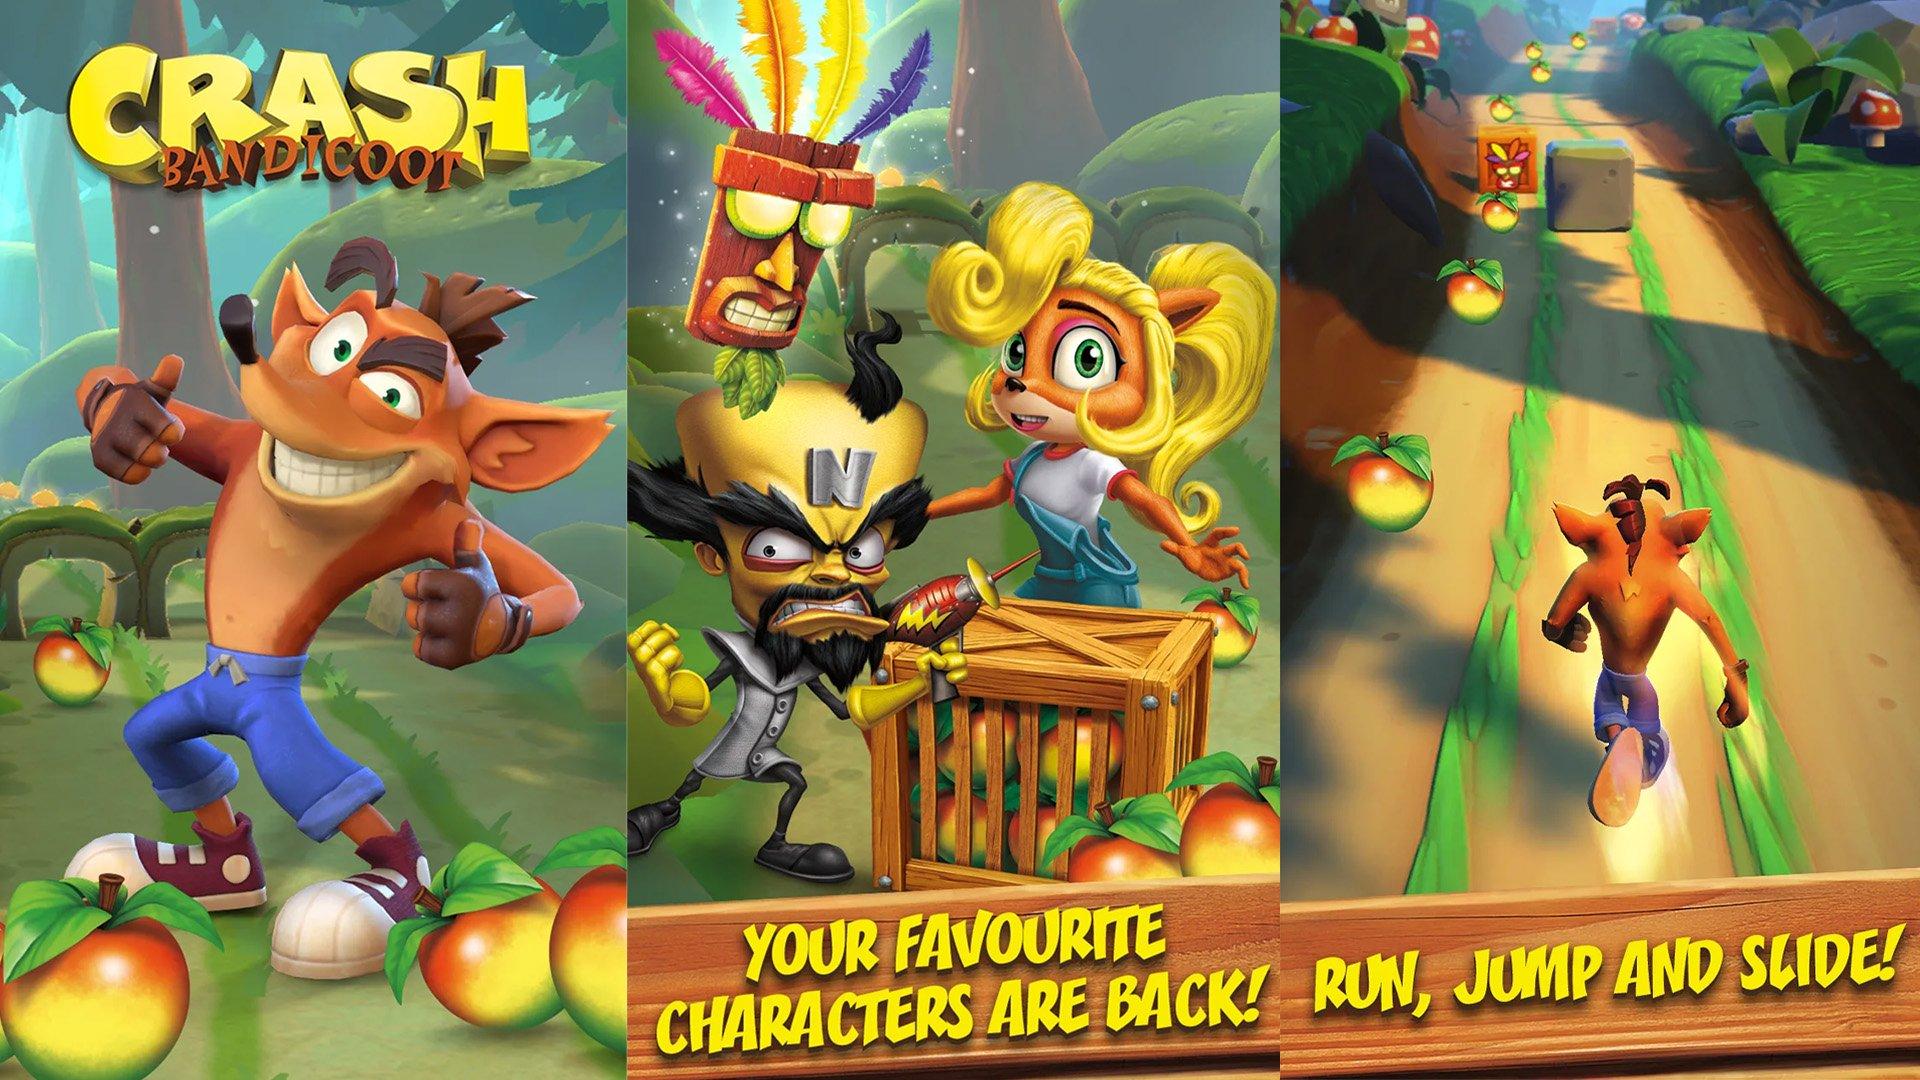 Crash Bandicoot, que vazou anteriormente; mas agora já ganhou um nome oficial, Crash Bandicoot: On the Run